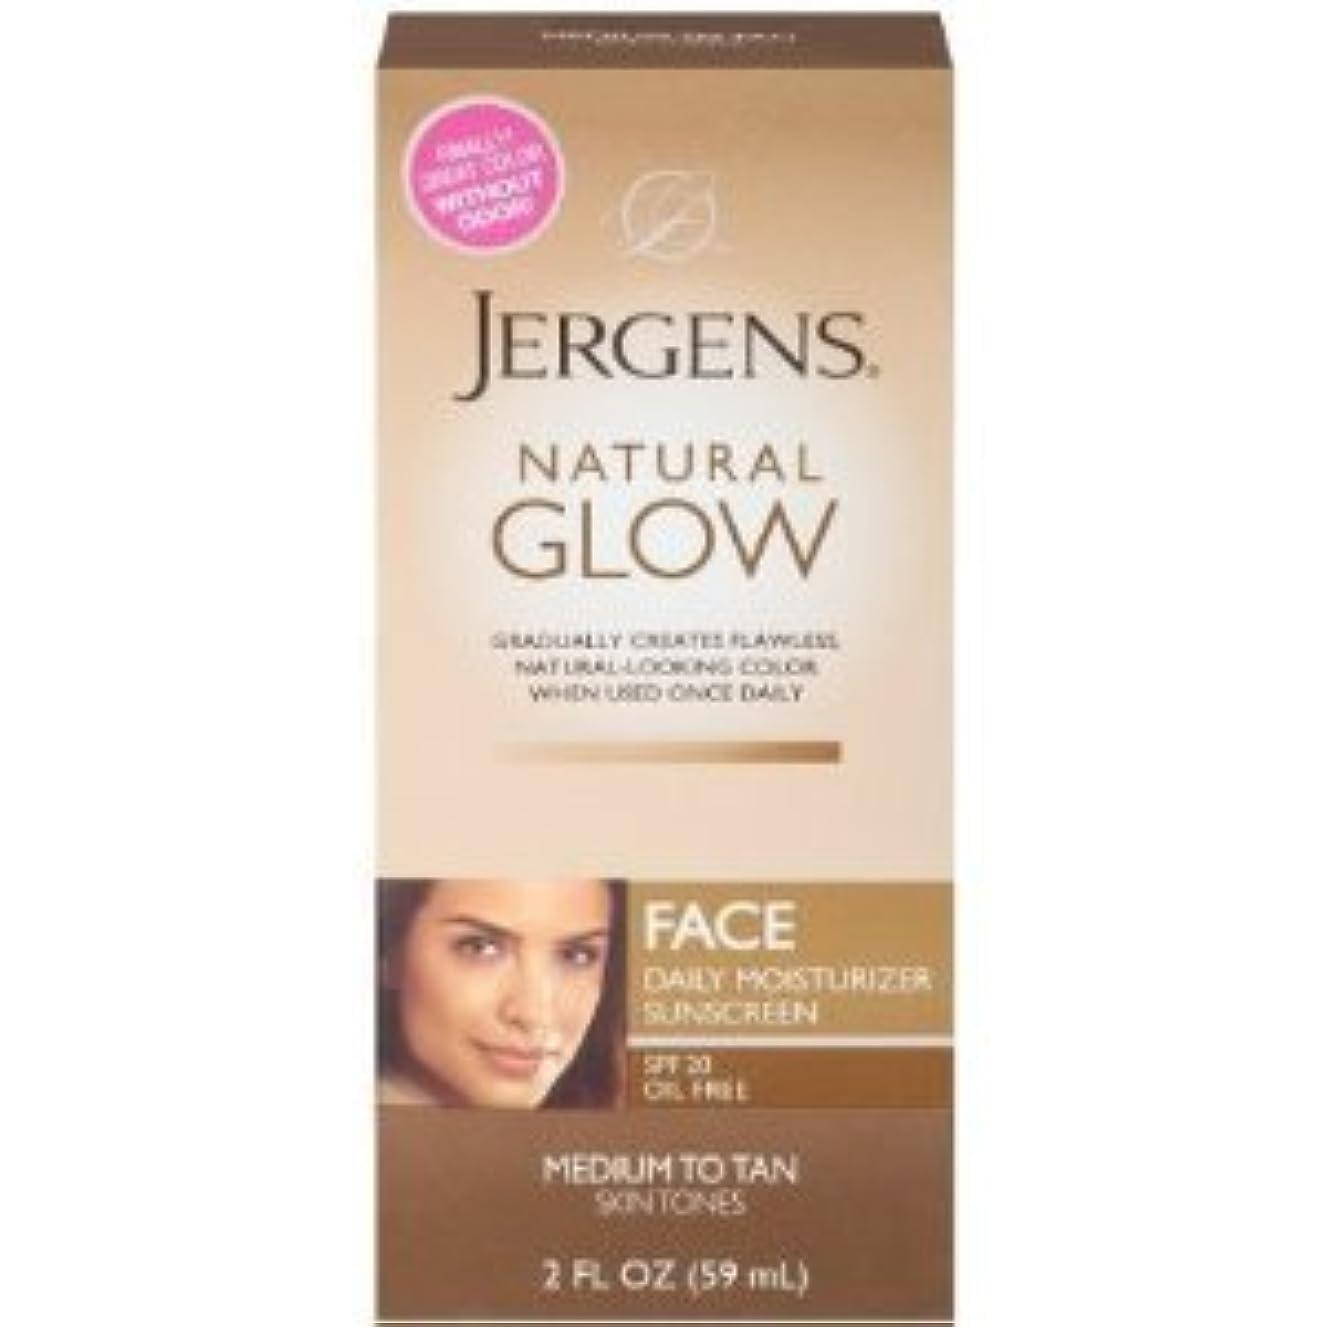 来て一常習者Natural Glow Healthy Complexion Daily Facial Moisturizer, SPF 20, Medium to Tan, (59ml) (海外直送品)